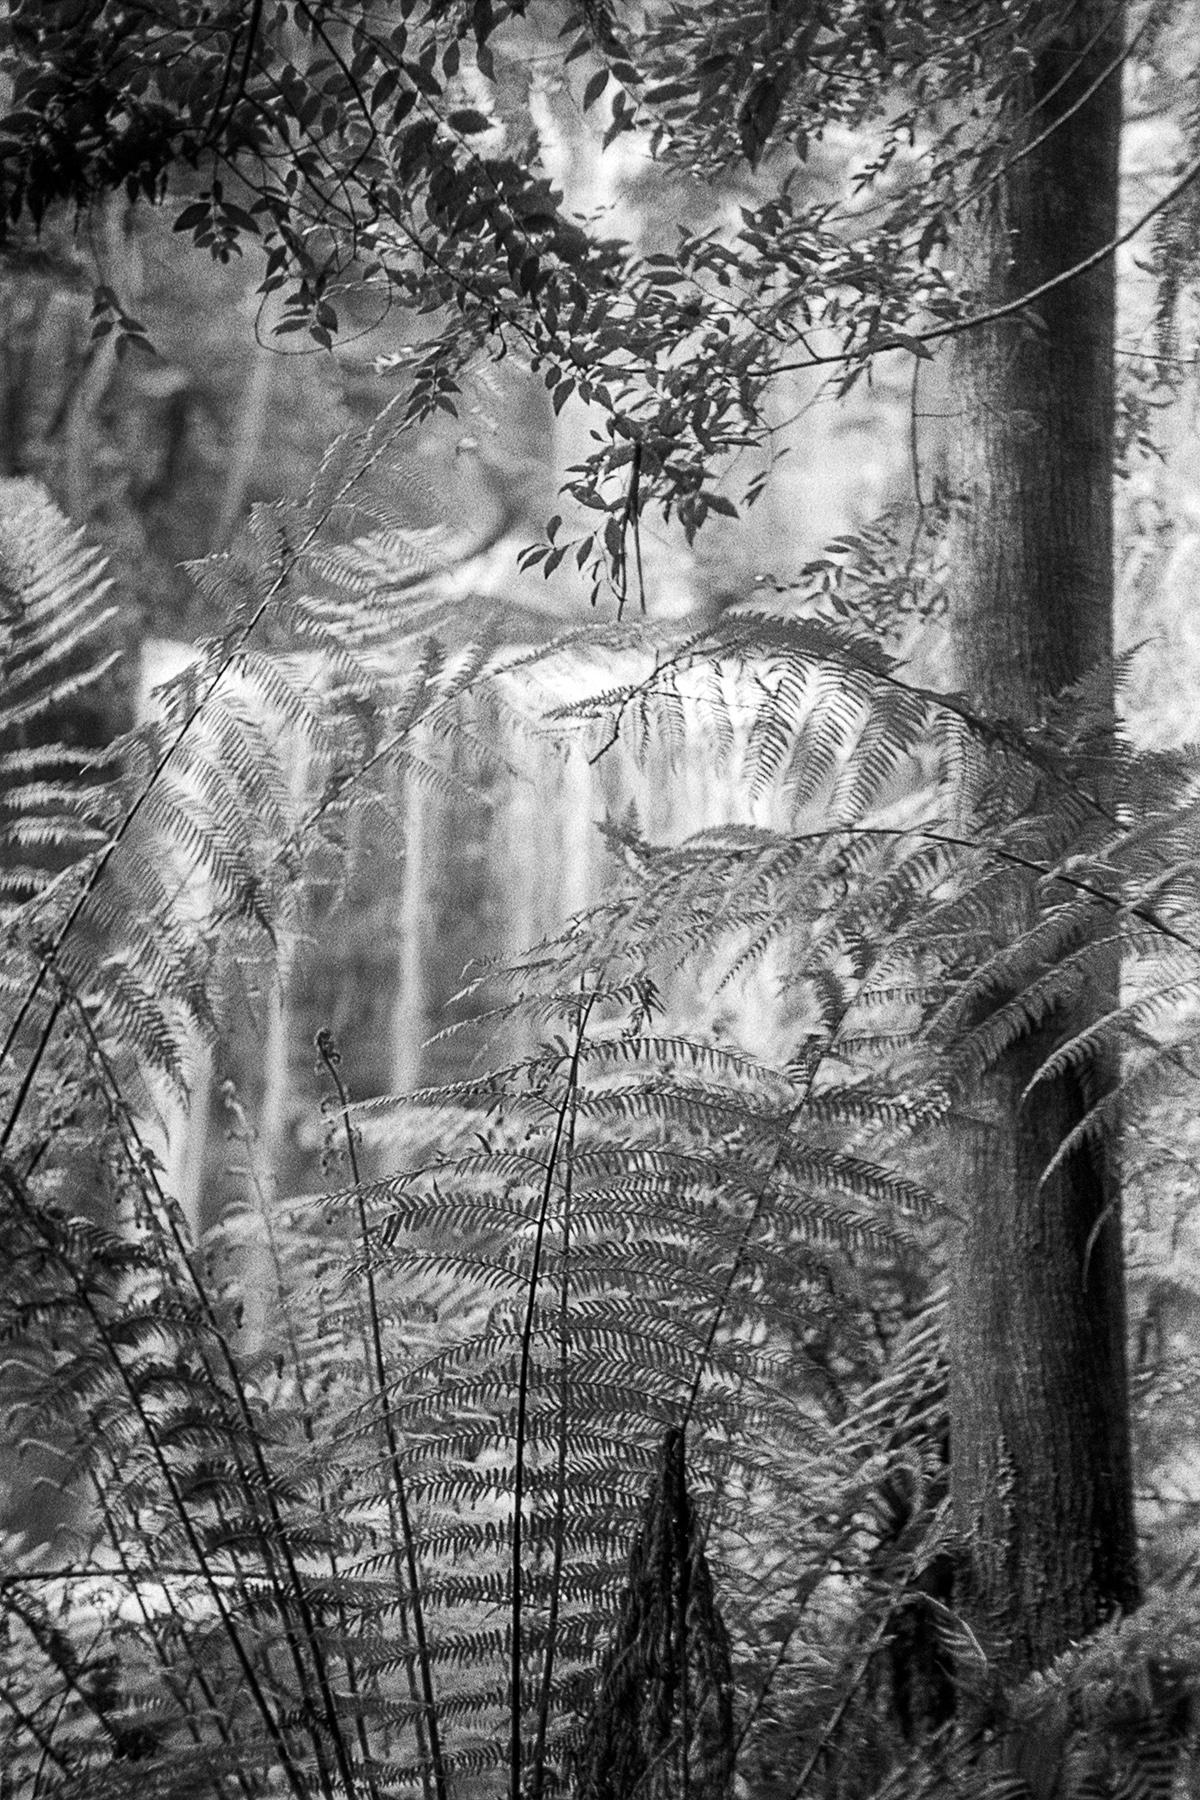 Waterfall, Tasmania |1936 Contax II RF |Zeiss 50mm Sonnar f1.5 |Kodak Tri-X |Brett Rogers